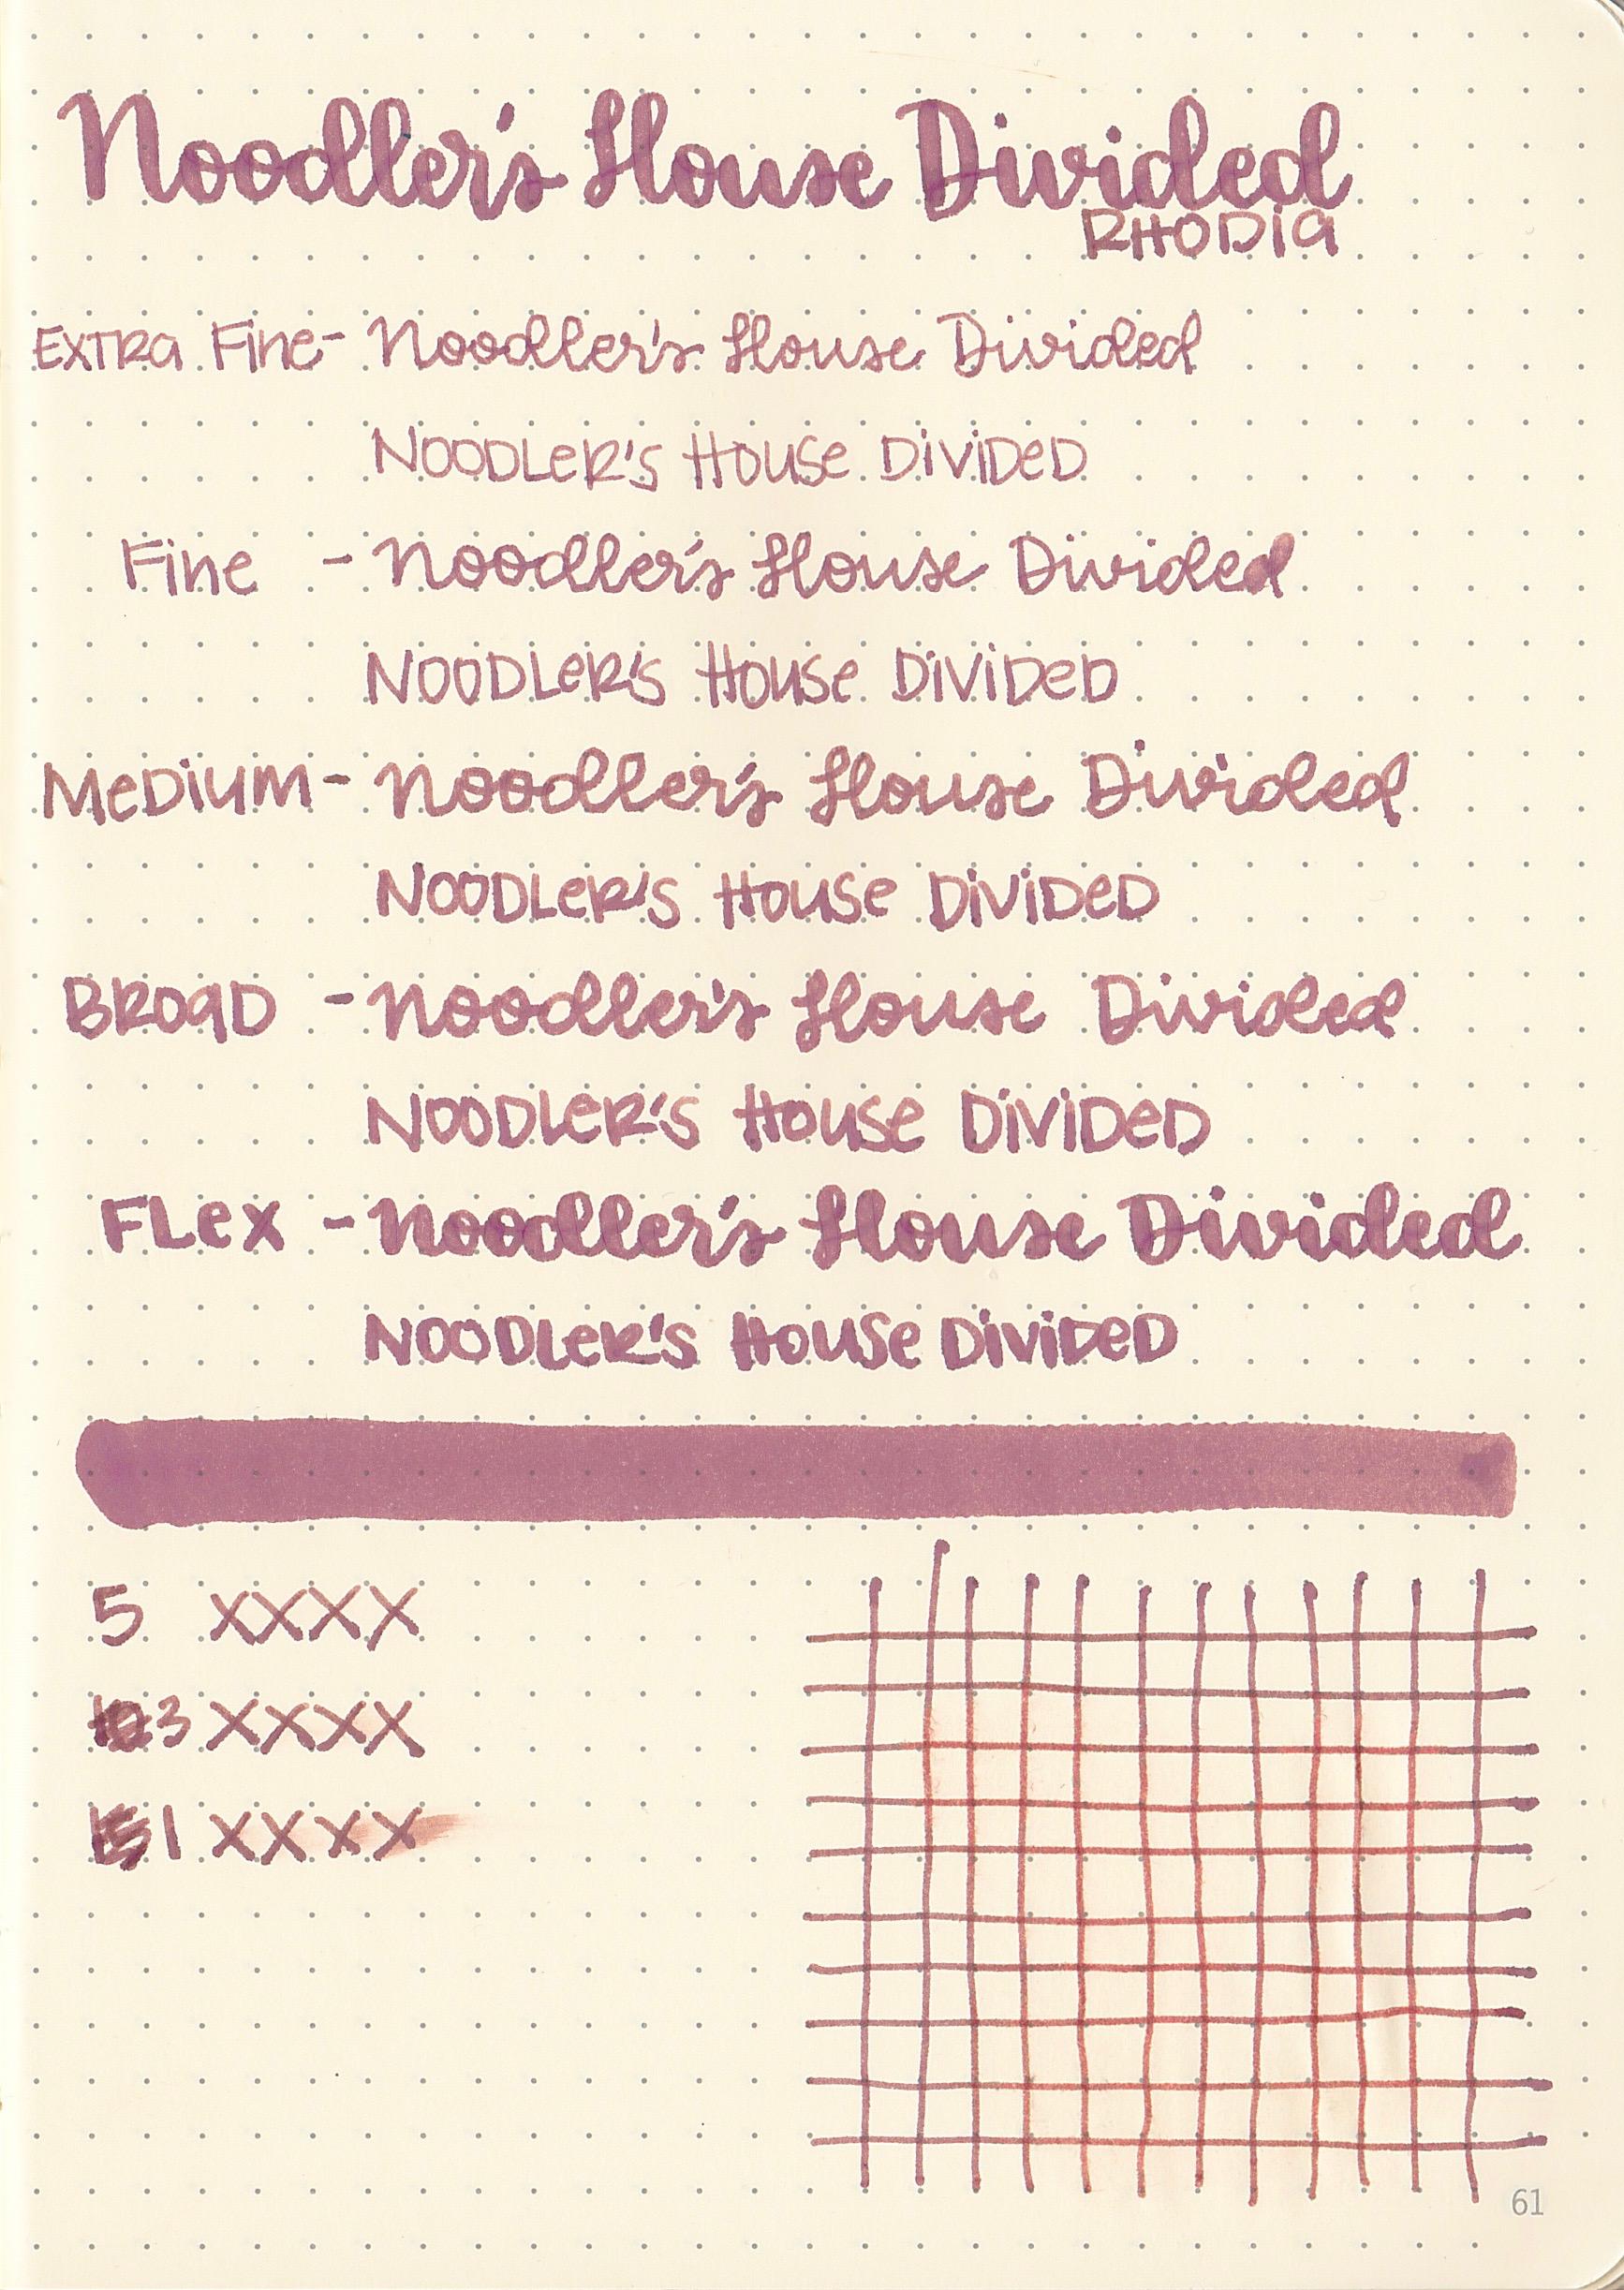 NoodlersHouseDivided - 10.jpg